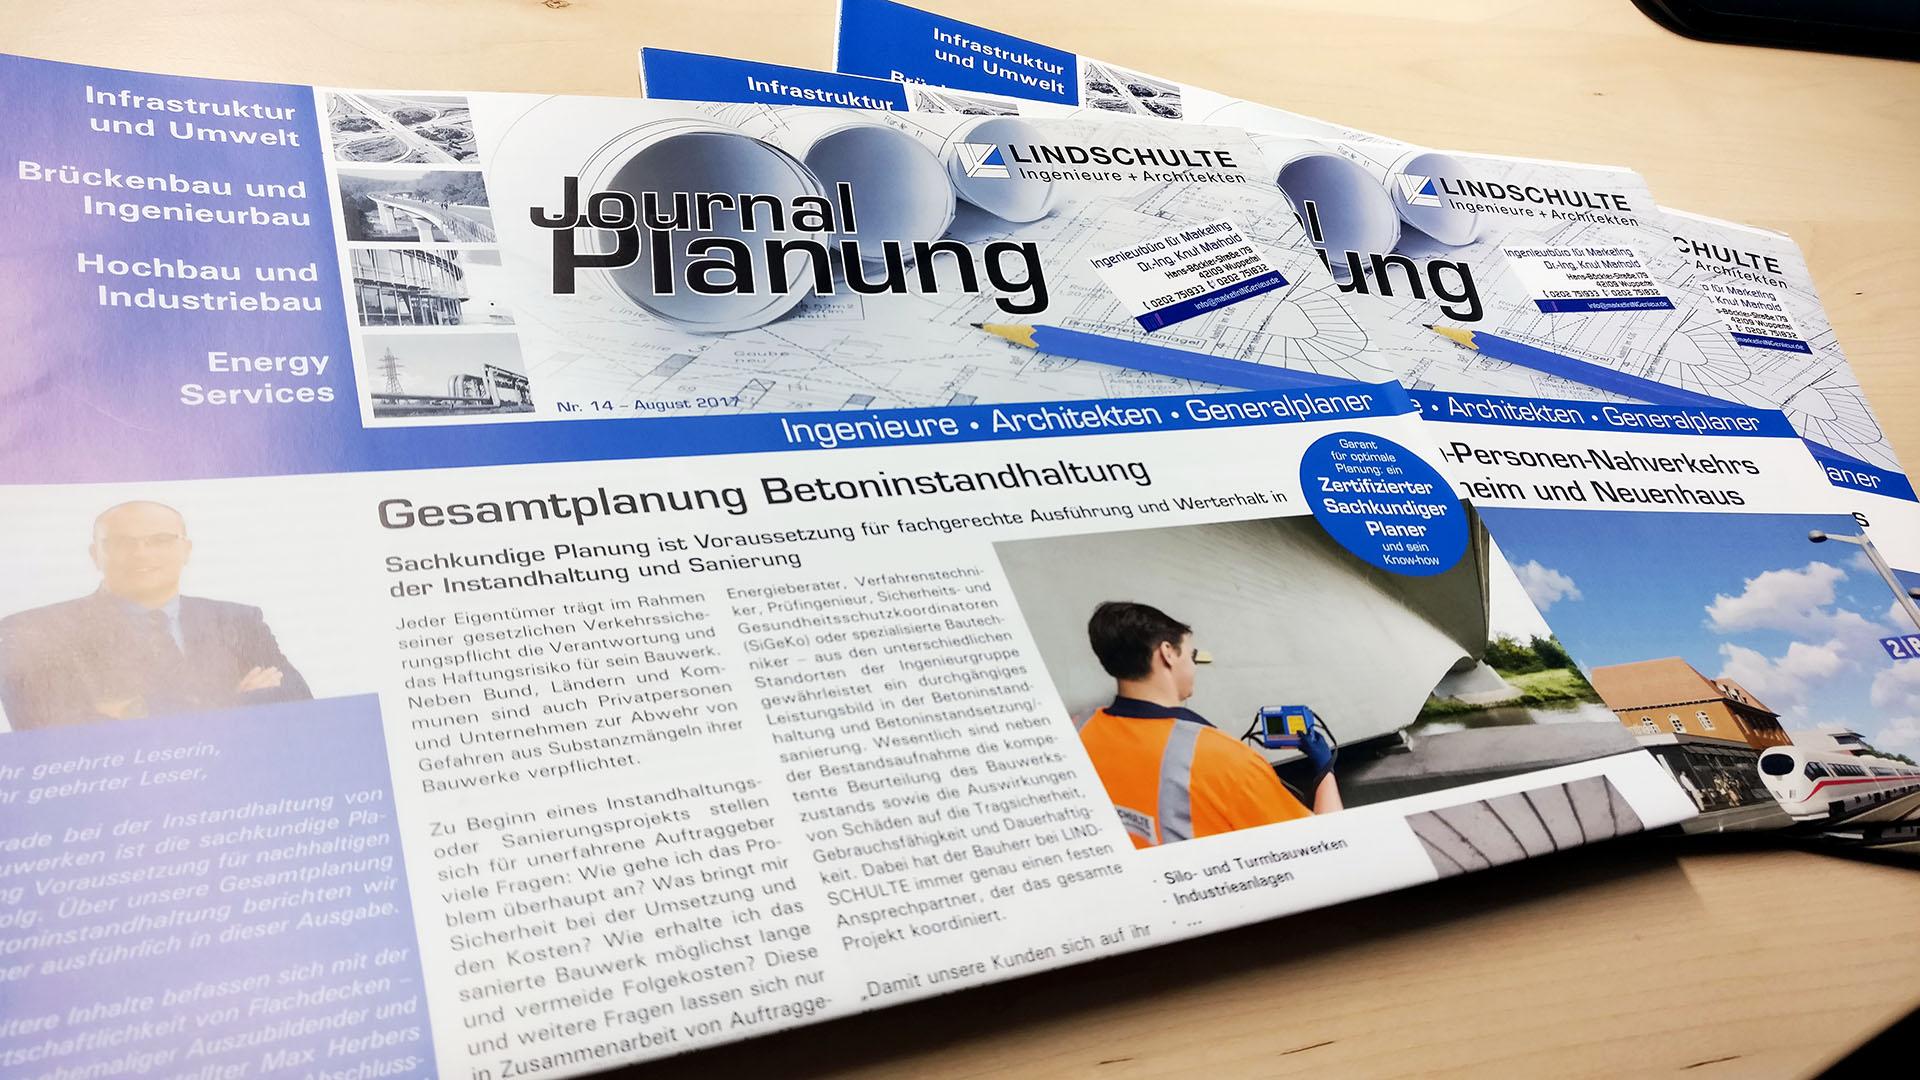 Kundenzeitung LINDSCHULTE Ingenieure + Architekten - Journal Planung